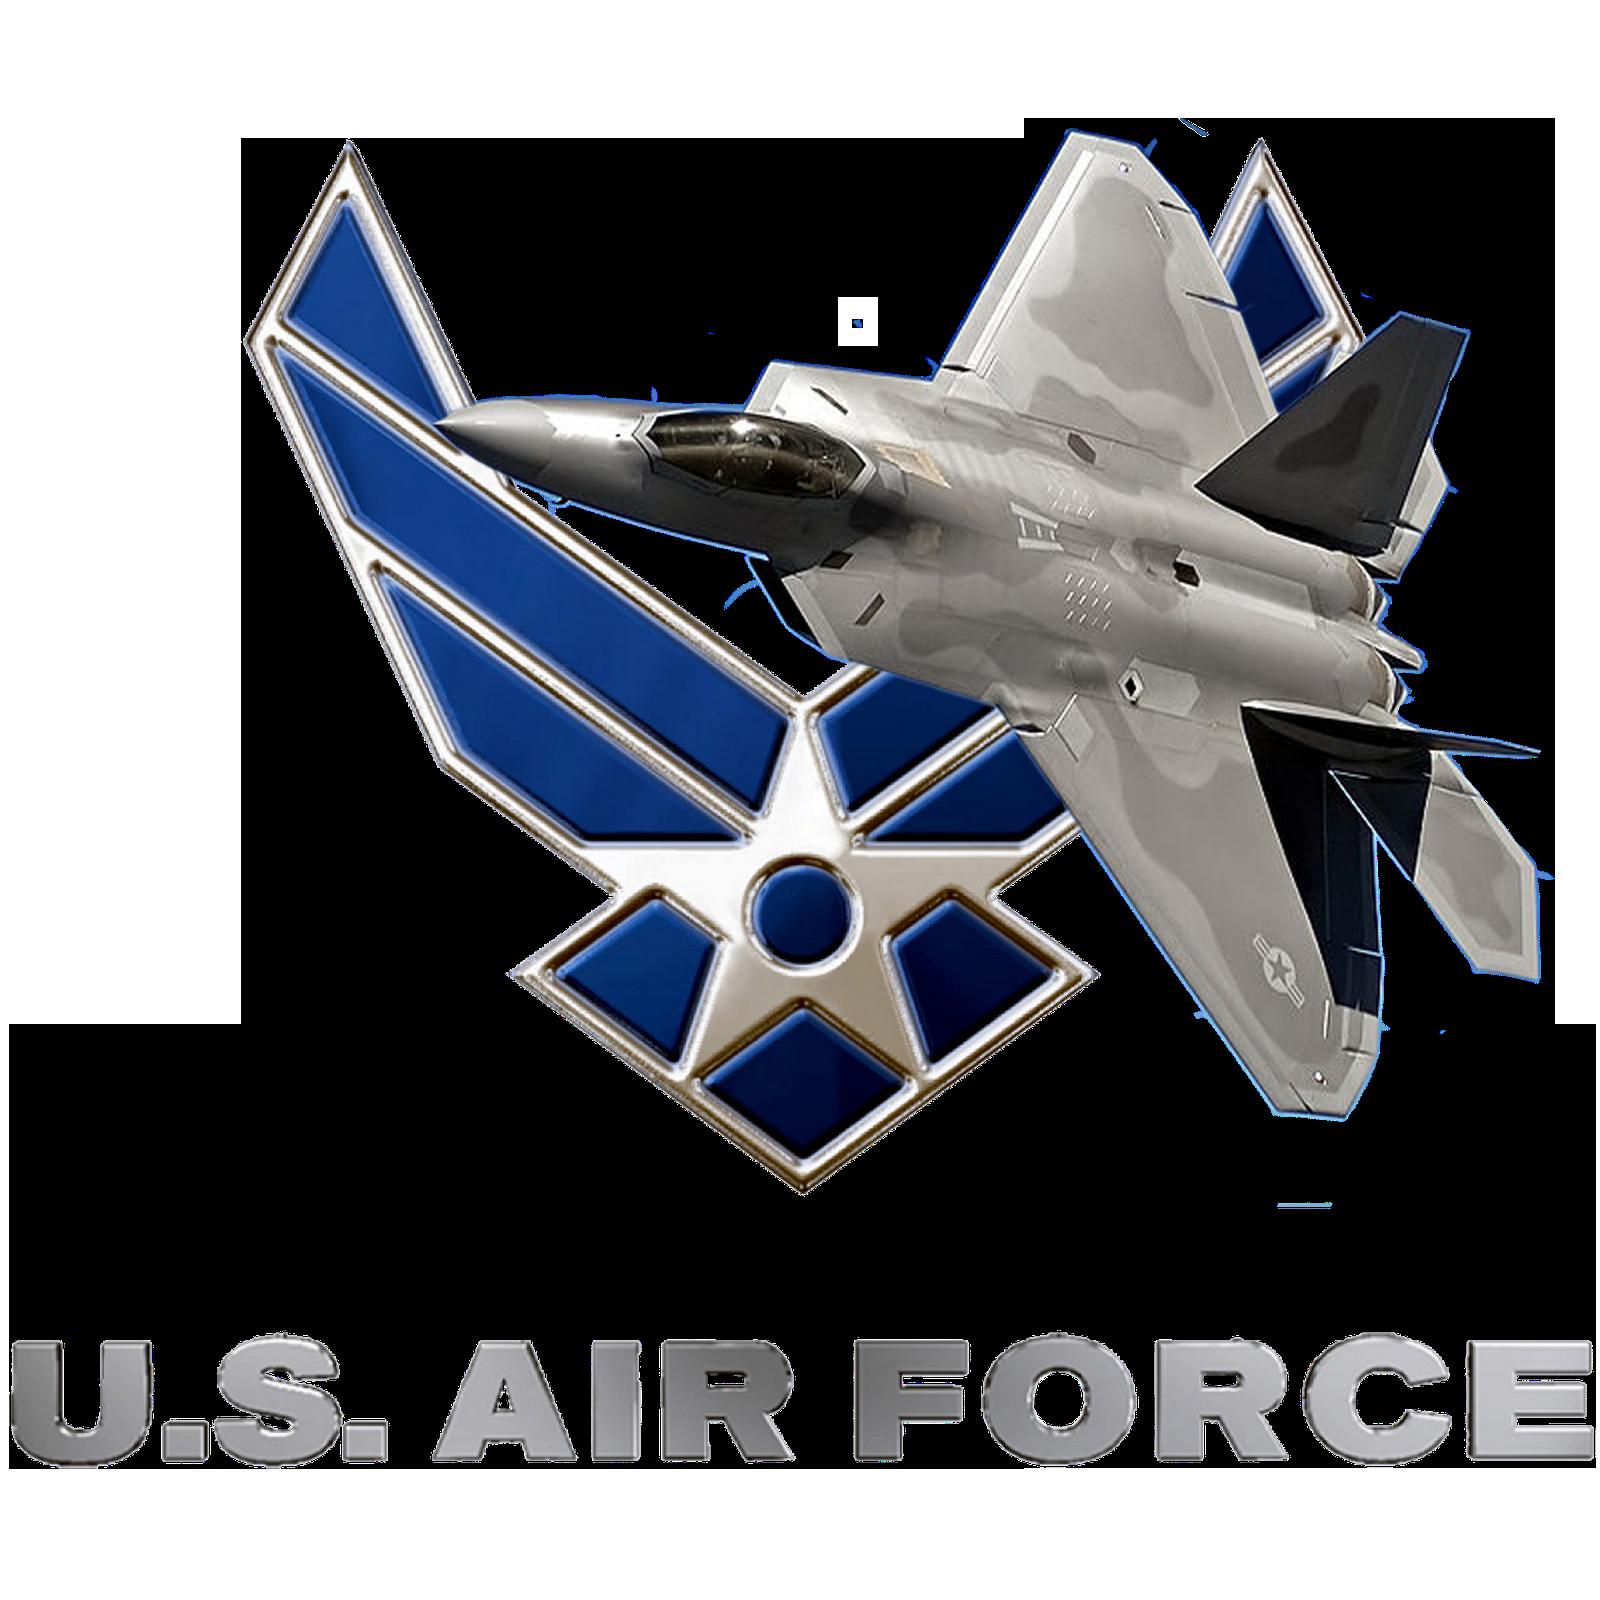 F-22 Raptor : modernisation constante, disponibilité médiocre et coûts masqués.